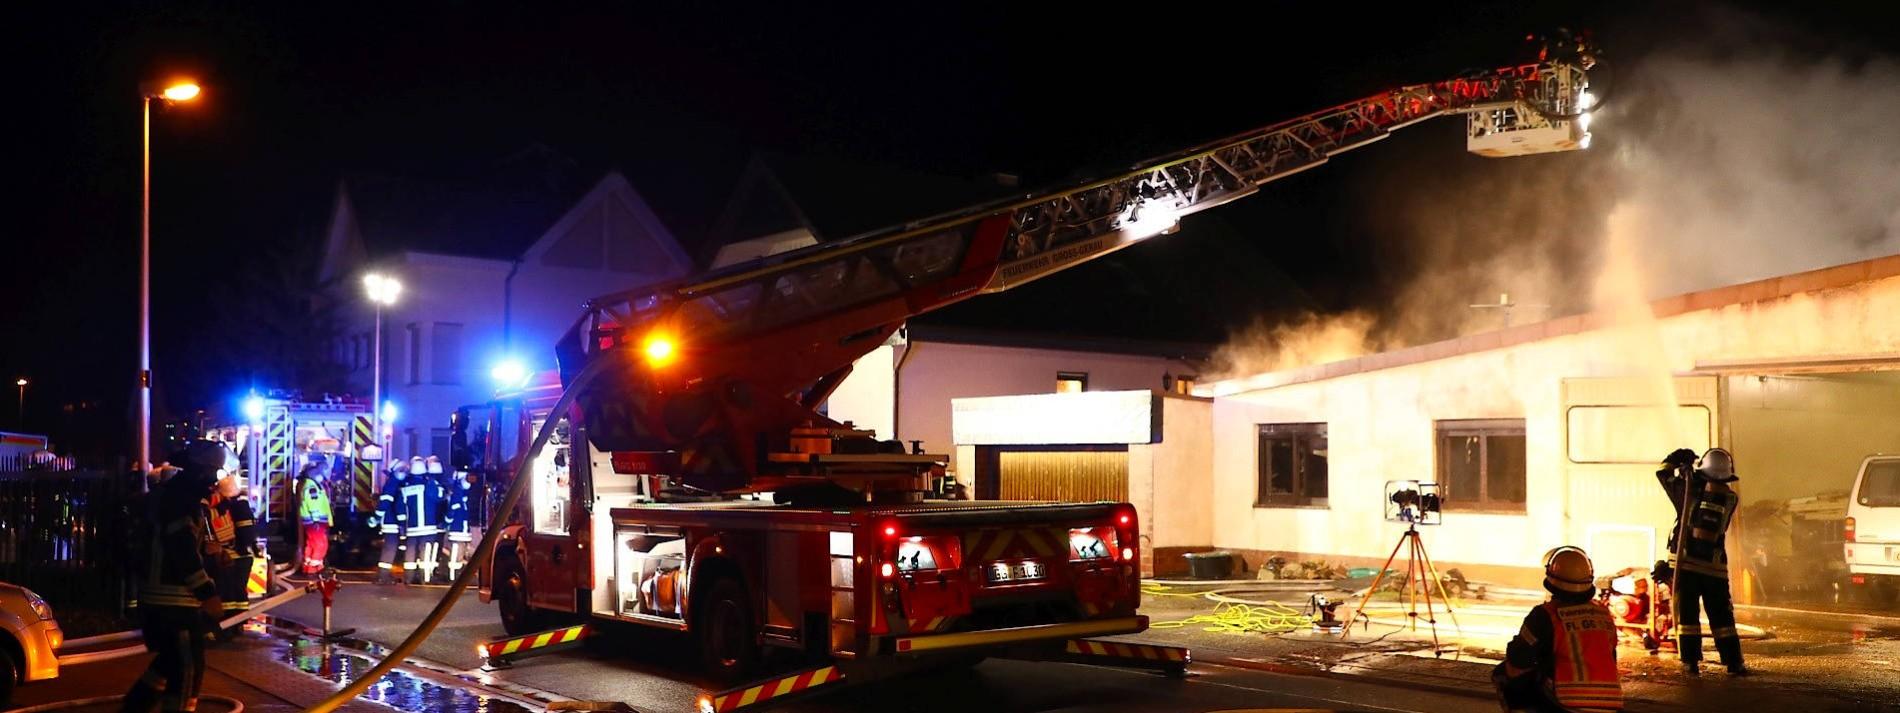 Feuerwehr findet Leiche bei Löscharbeiten